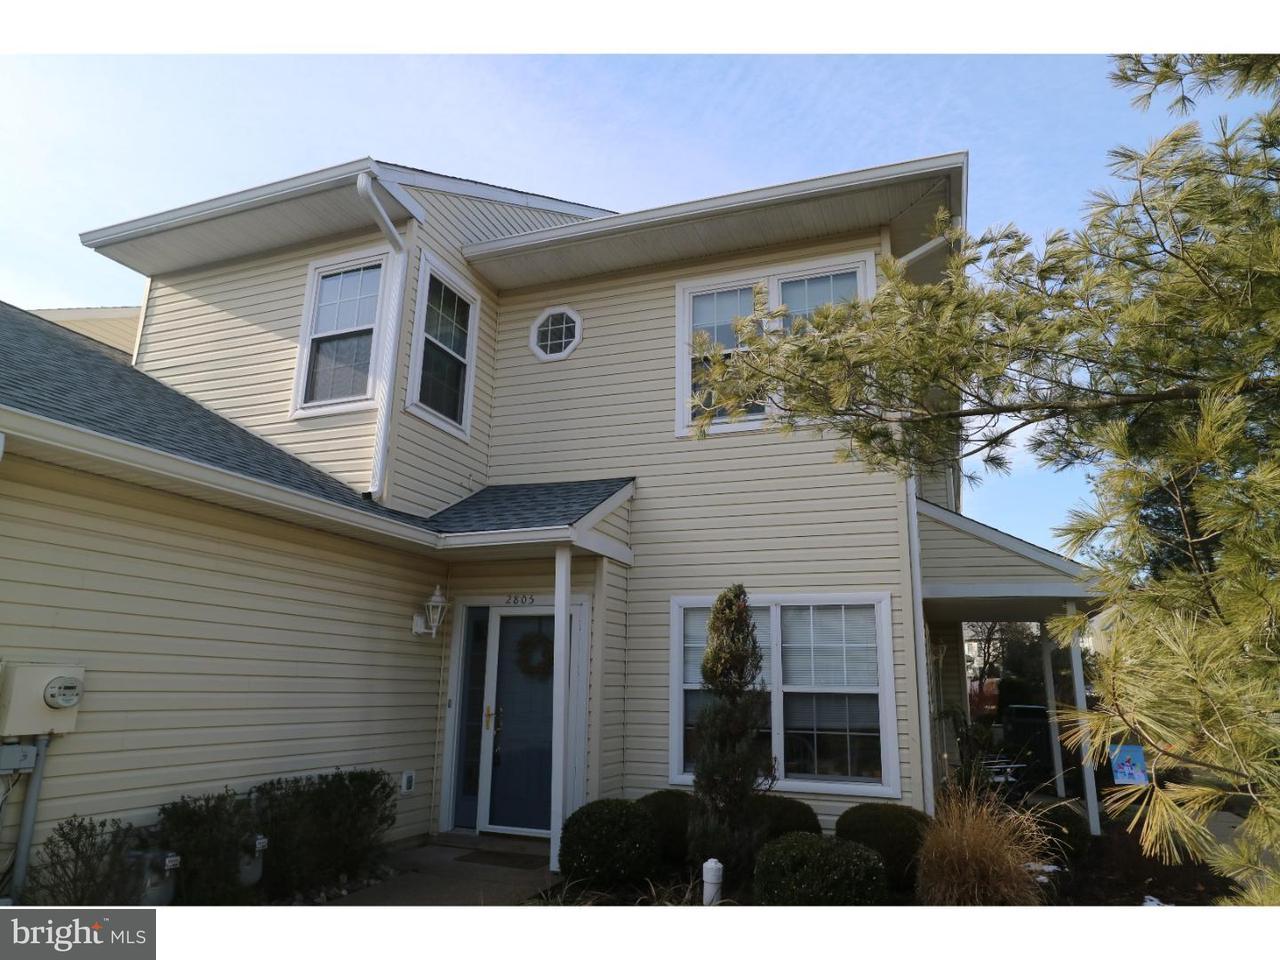 联栋屋 为 出租 在 2805 WATERFORD RD #101 雅德利, 宾夕法尼亚州 19067 美国